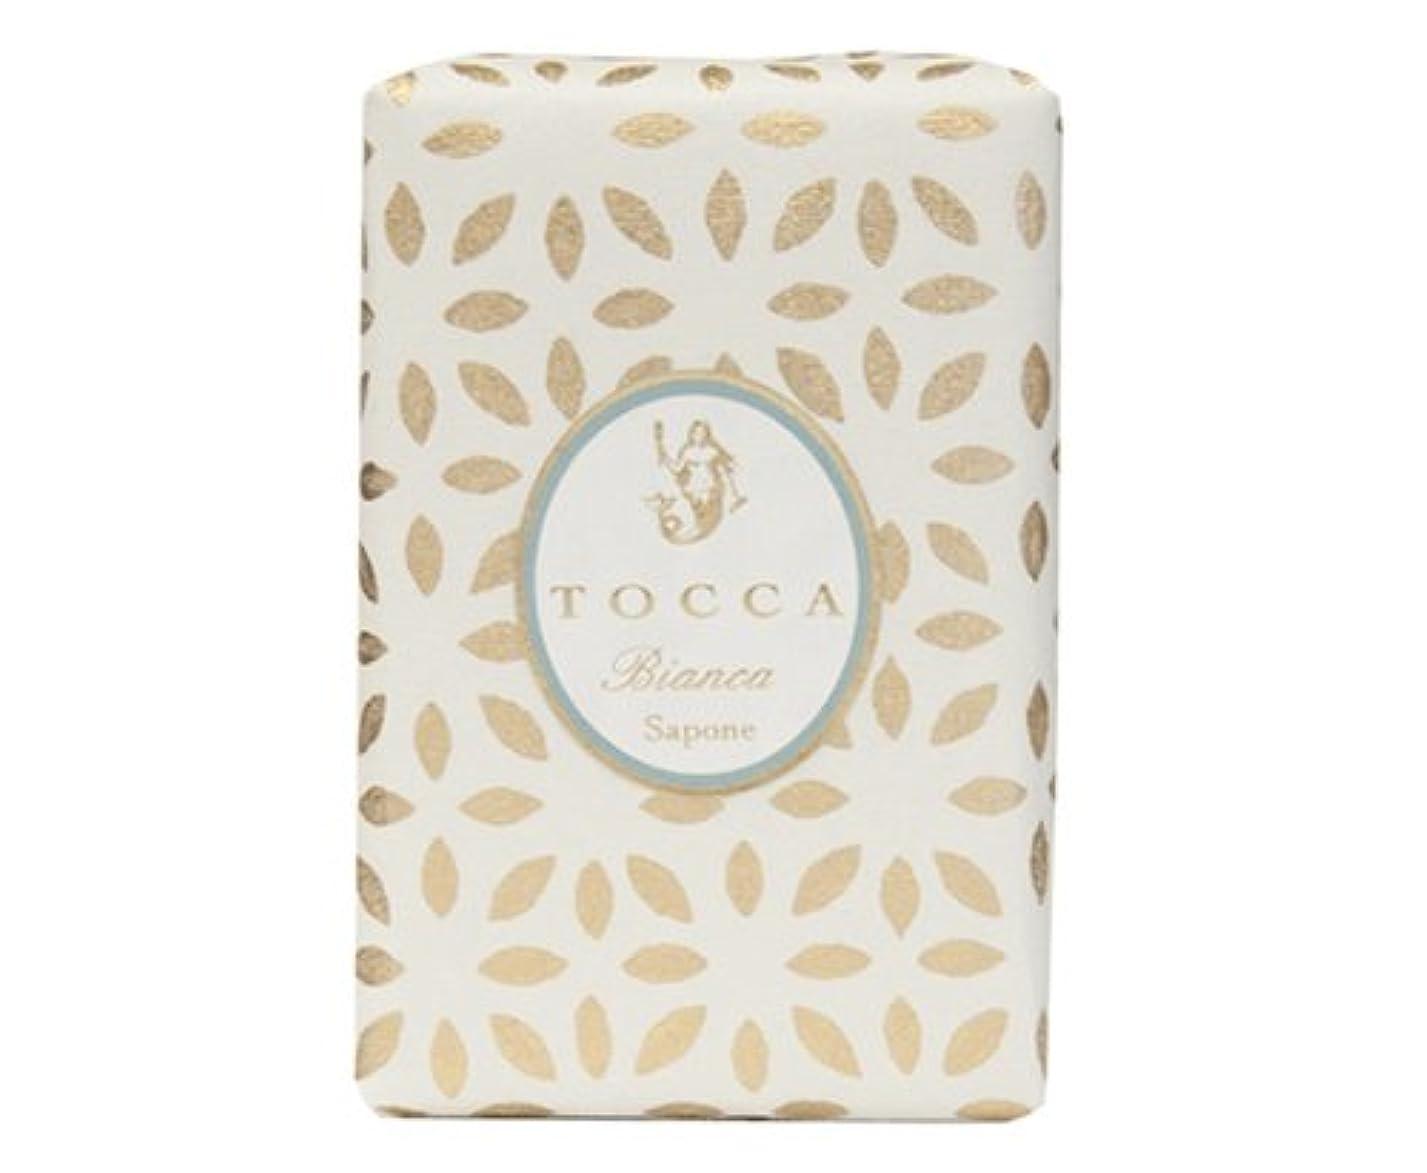 ジェーンオースティンスナック乳CONCENT TOCCA (トッカ) ソープバー 〔ビアンカの香り〕